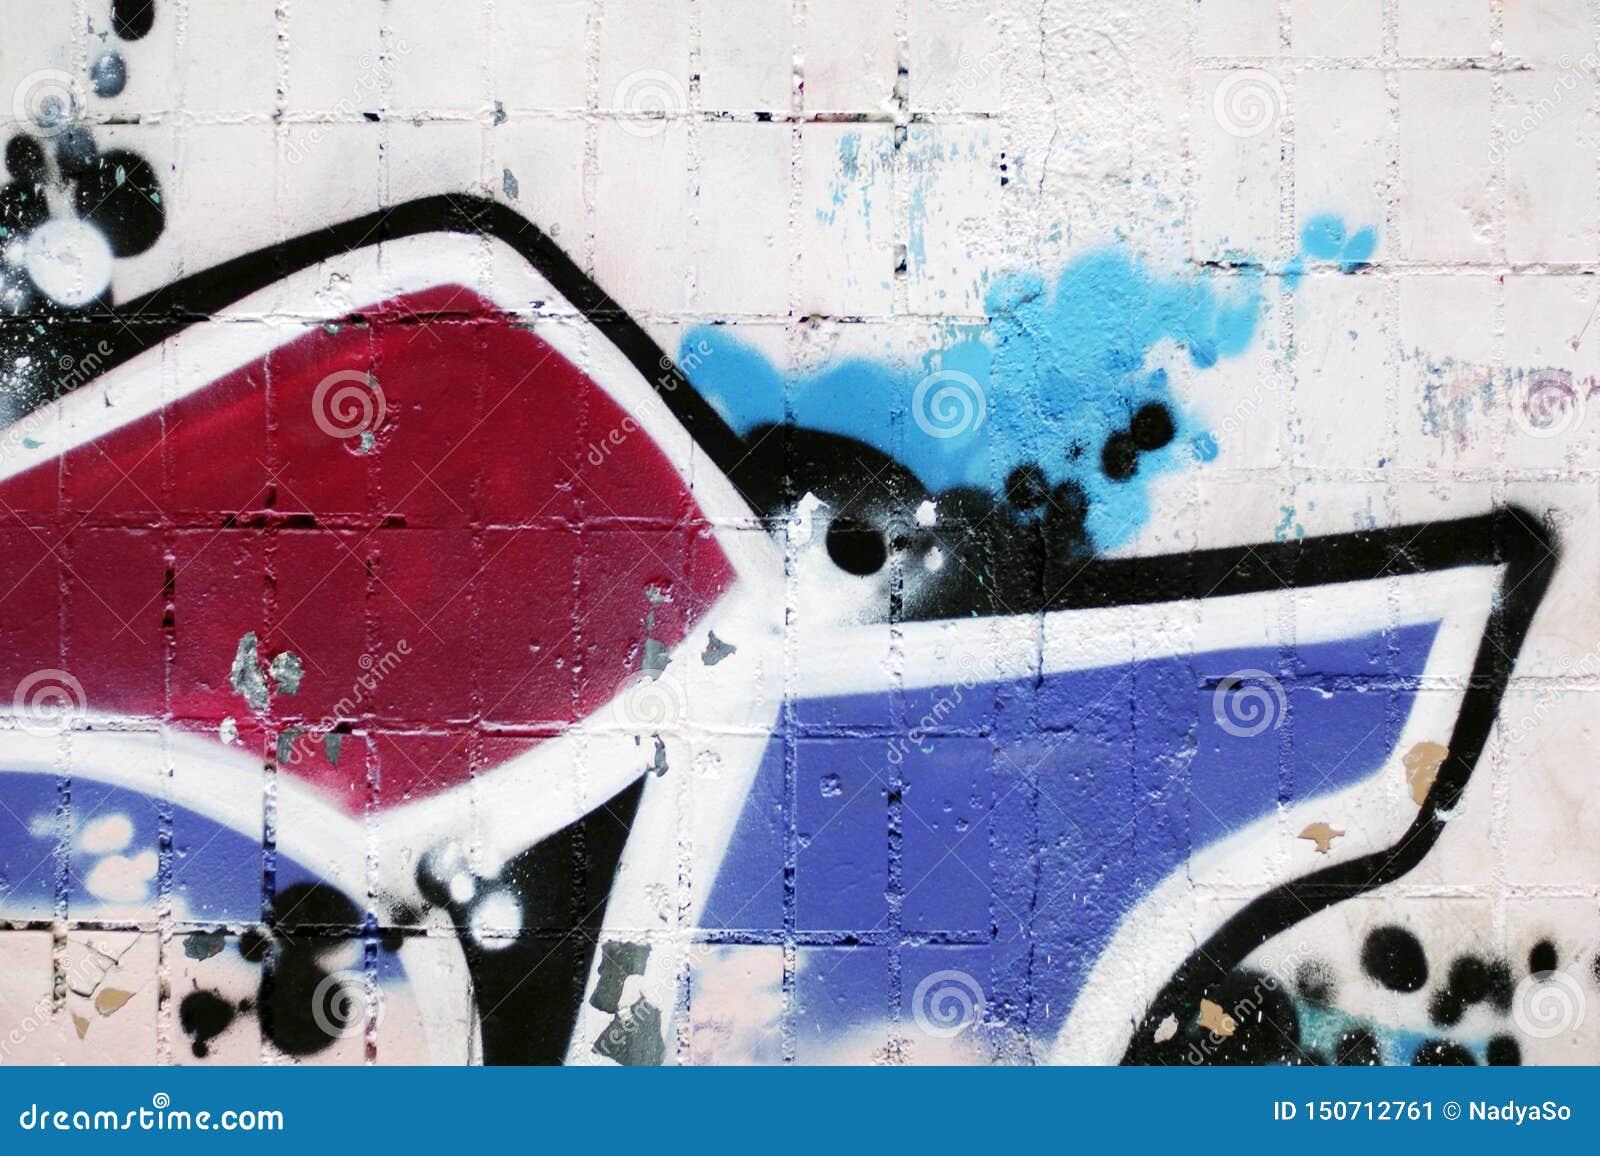 Fondo abstracto urbano, pared lamentable con los fragmentos de la pintura colorida